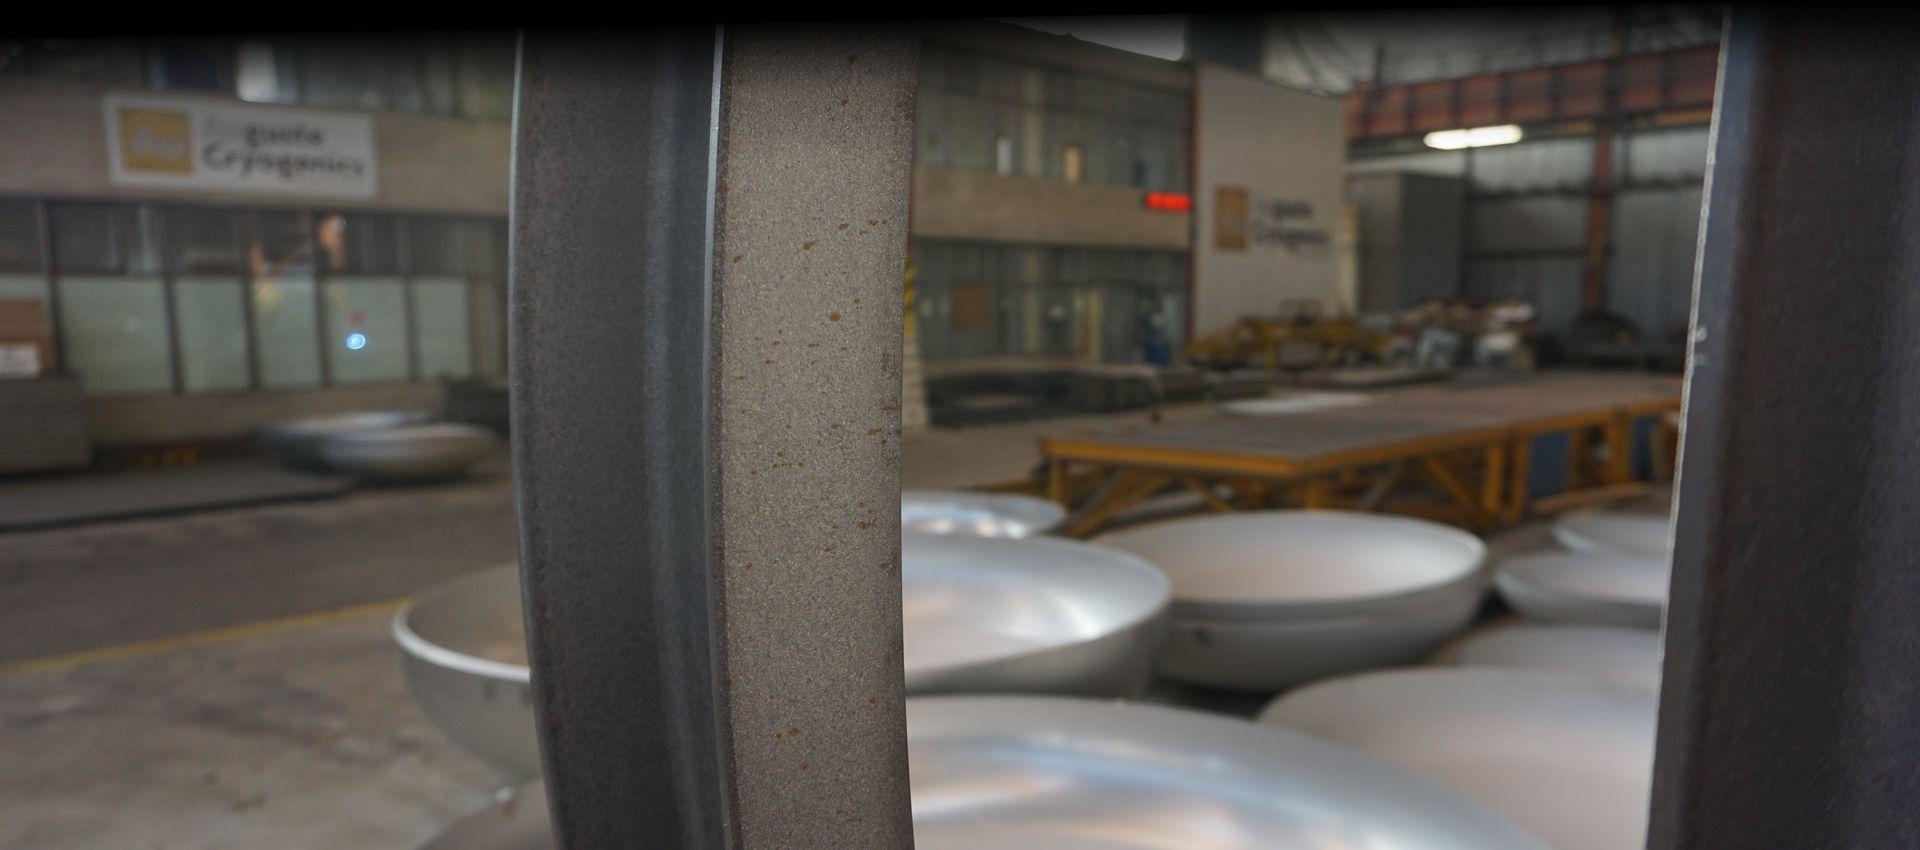 auguste-cryogenics-slovakia_blurred02